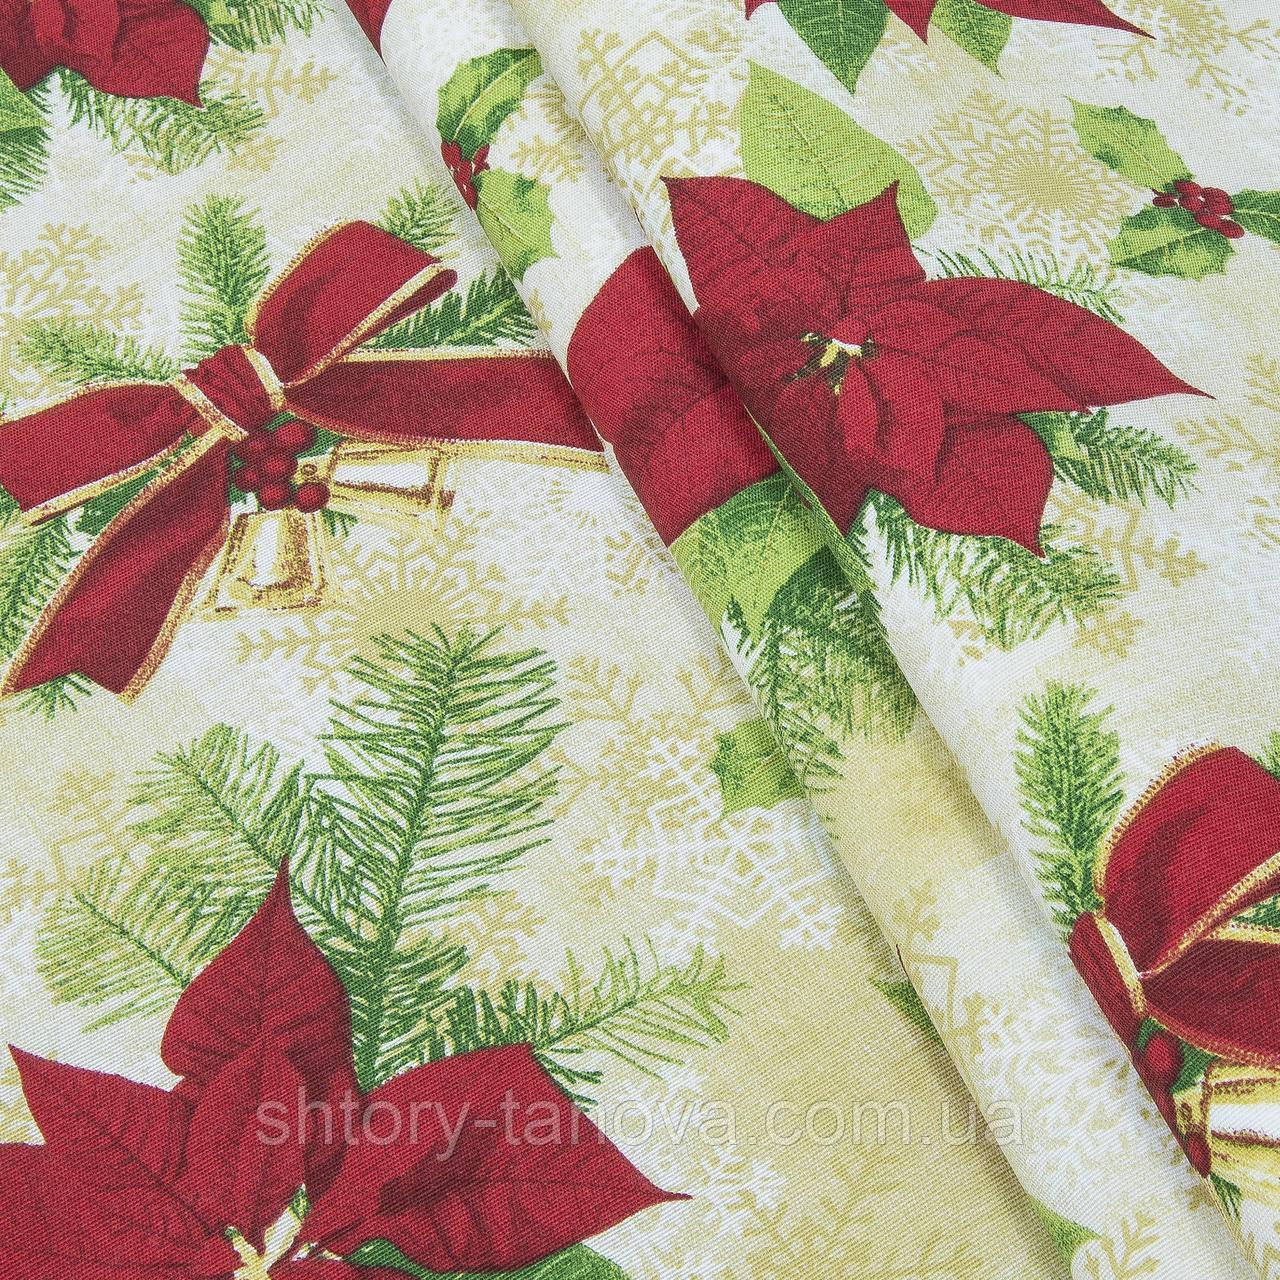 Декоративна тканина, бавовна 70%, бавовна 30%, з новорічним принтом